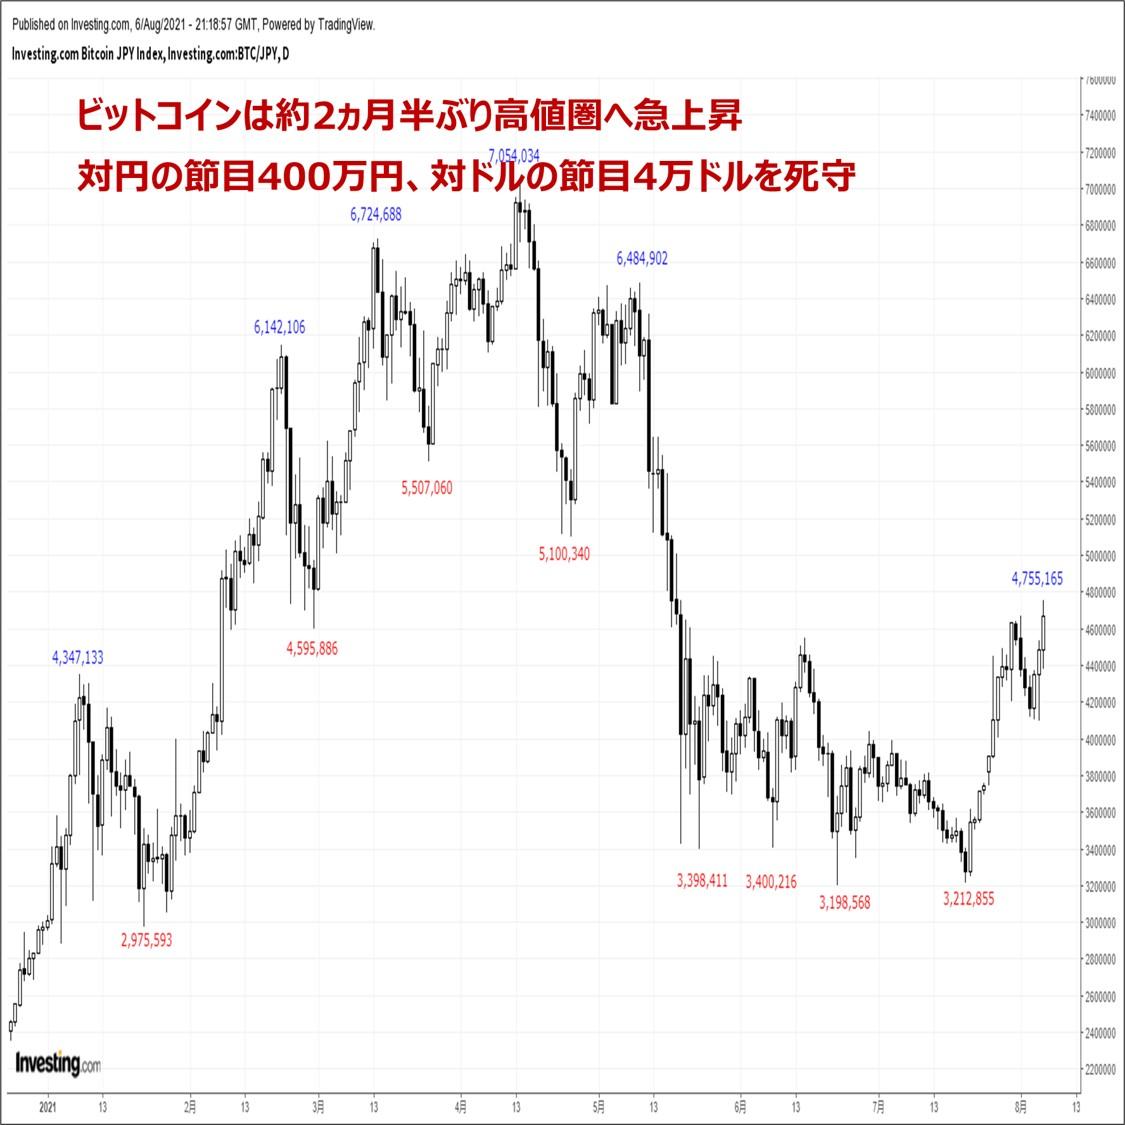 ビットコインの価格分析:『リスクオンで地合いが好転。更なる上昇へ期待が高まる』(8/7)